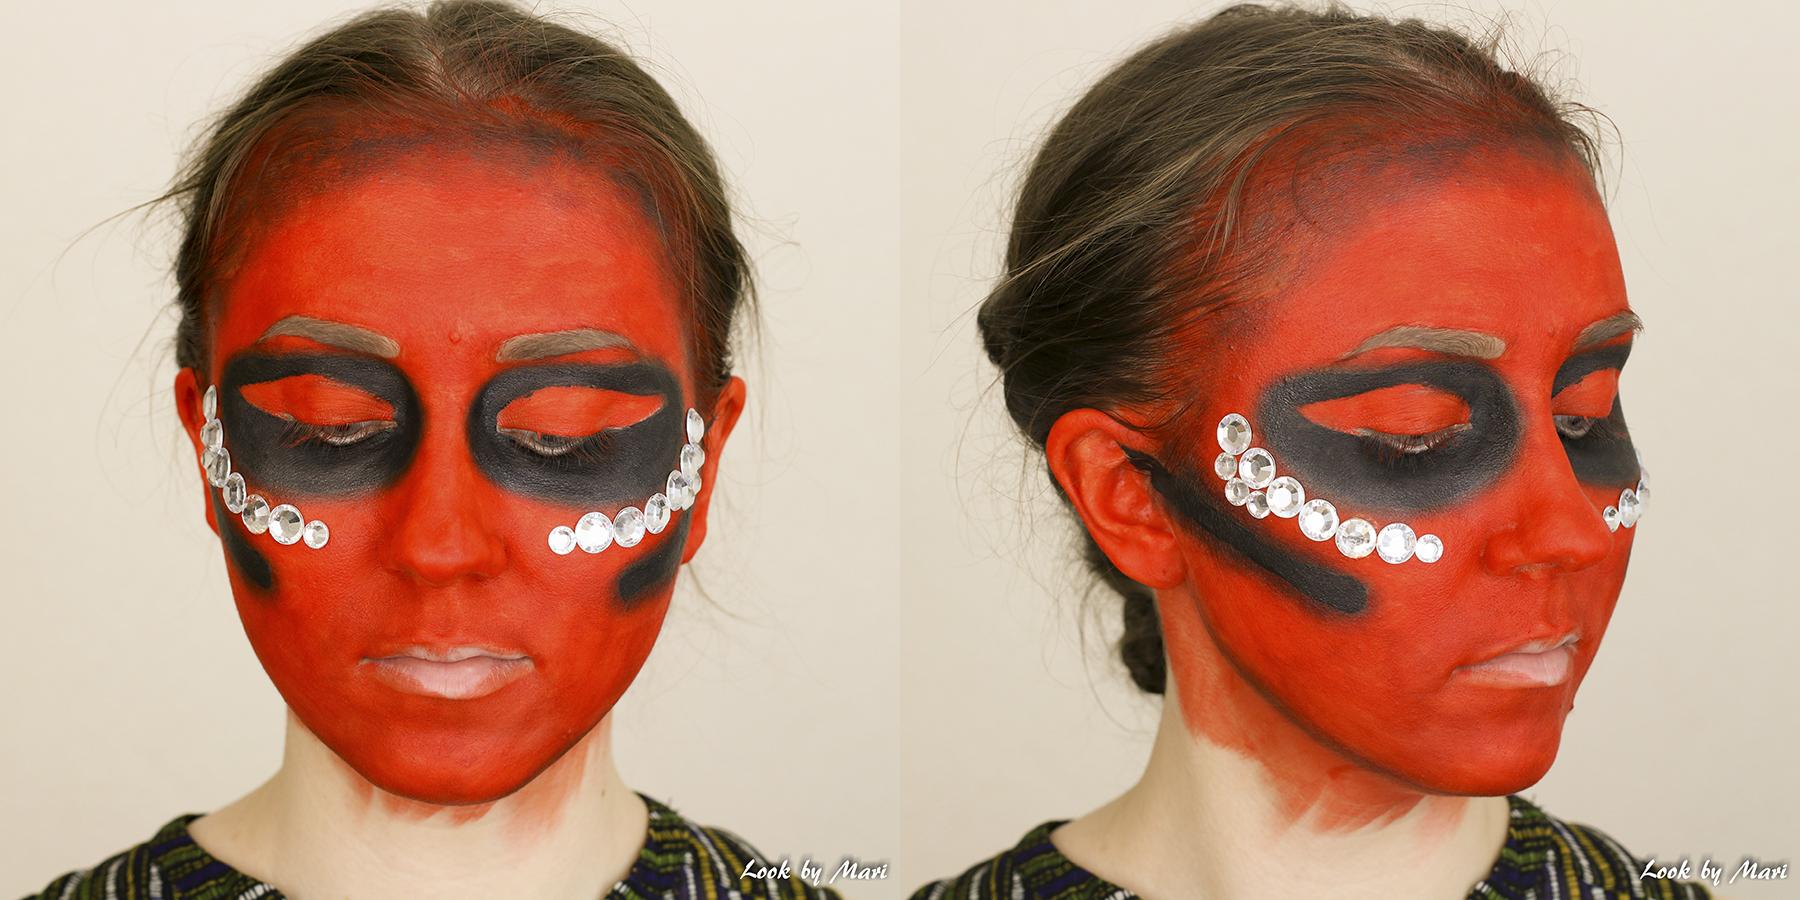 8 paholainen piru meikki ideat 2017 asu tutoriaali video blogi kaunis pelottava